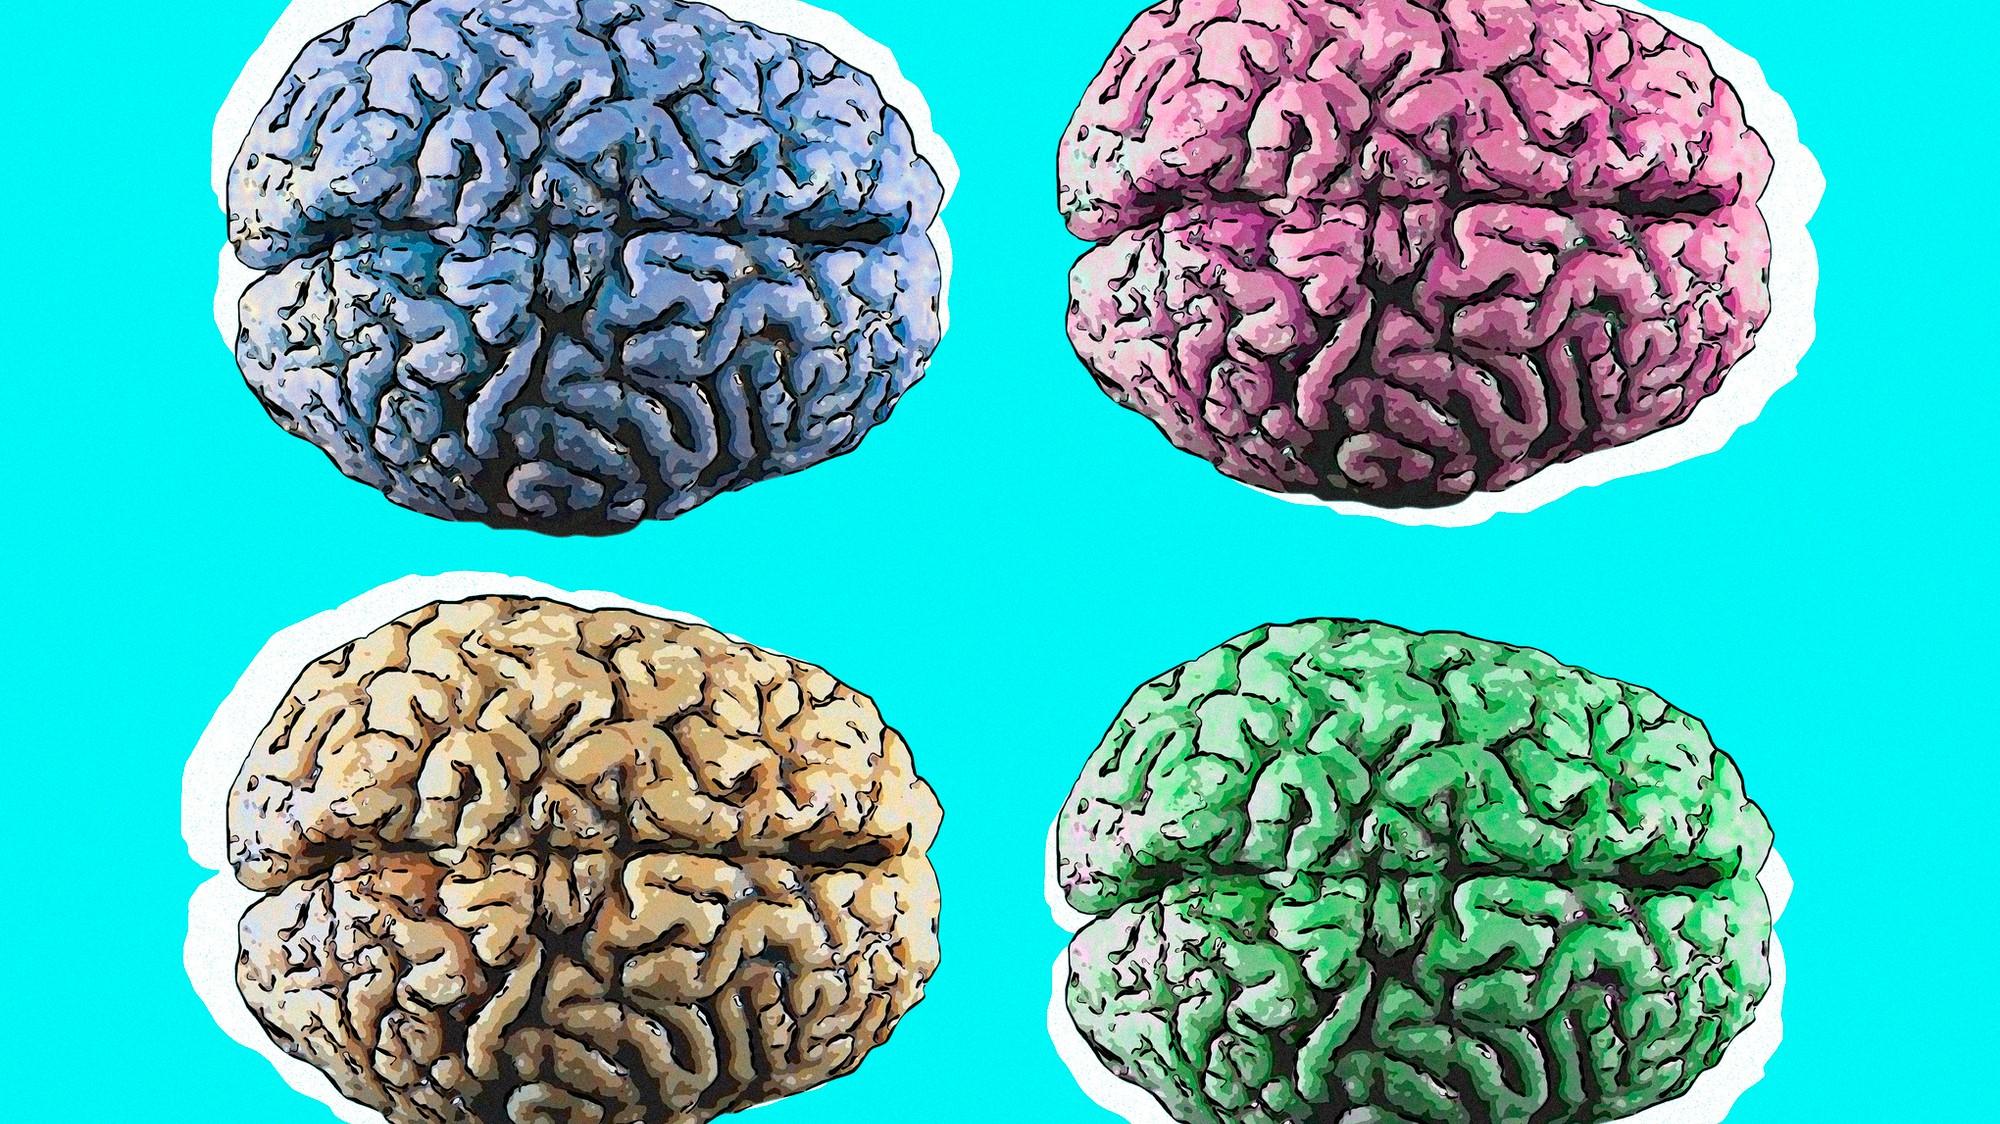 мастеру проверка мозга с картинками всего, вам